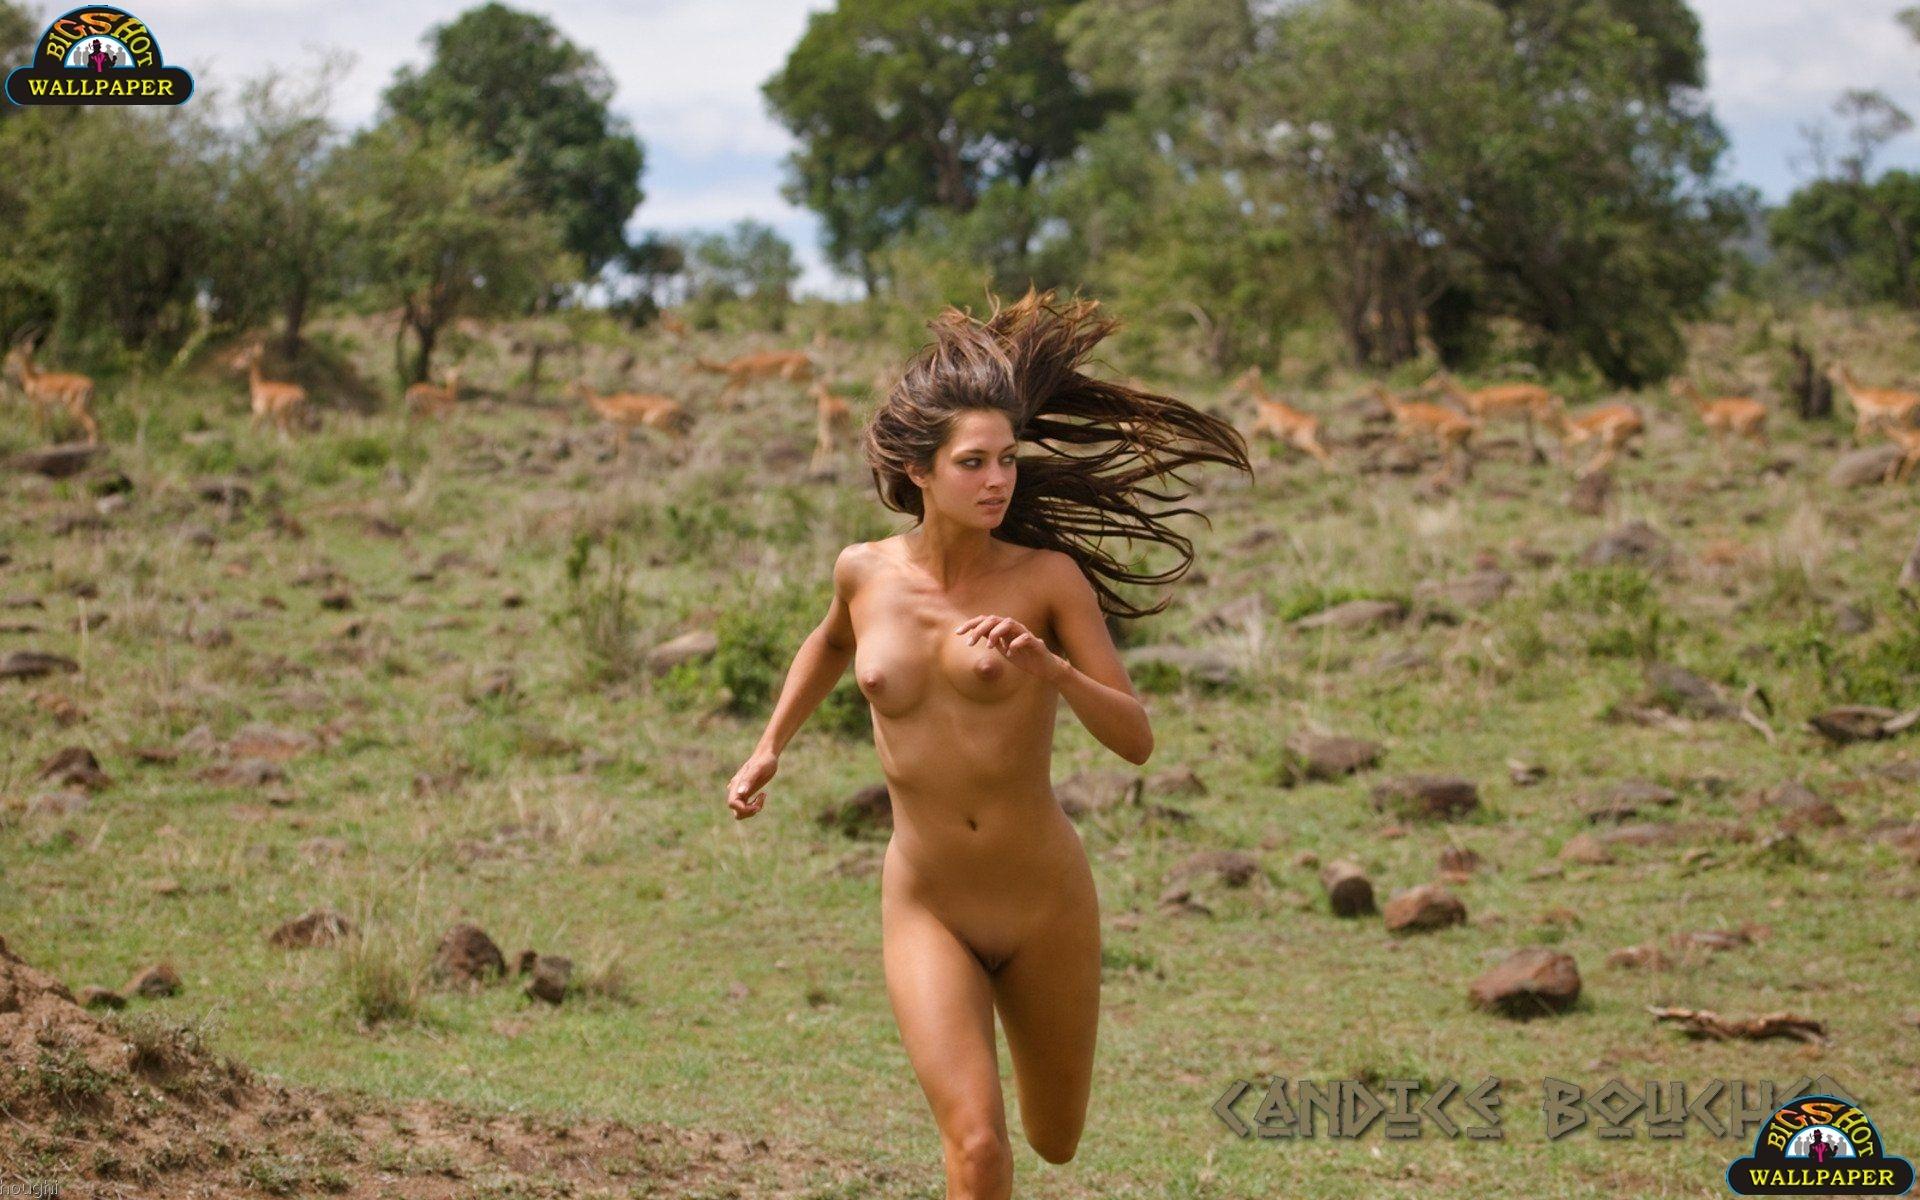 Фотки нудисти купается диких племён 24 фотография